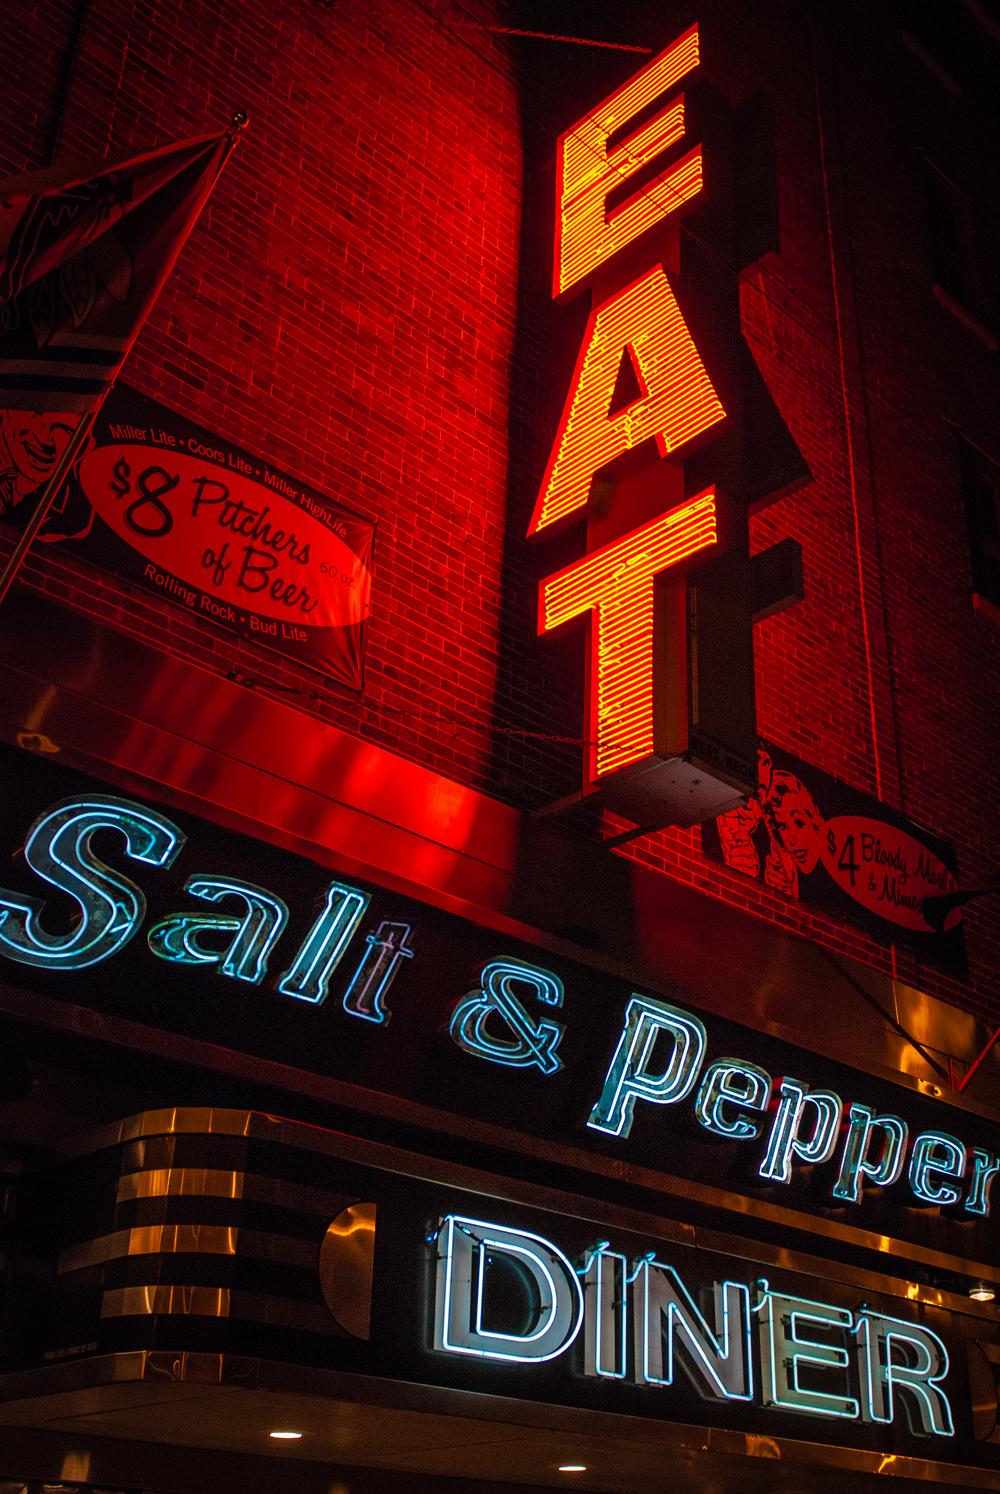 Diner in Chicago